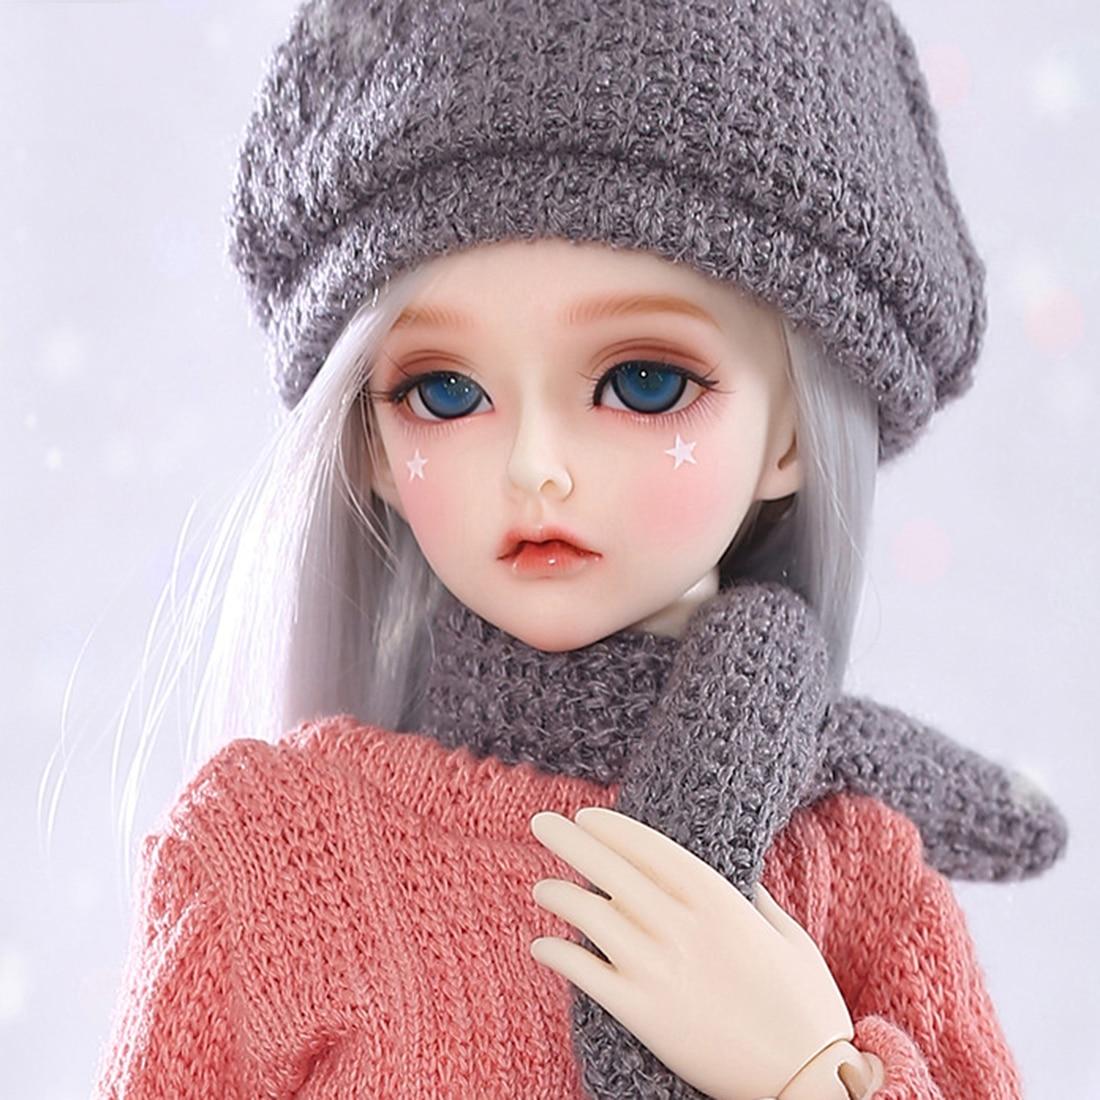 40cm de altura 1/4 muñecas BJD de moda femenina de alta capacidad de juego articulaciones de bolas muñeca conjunto de traje completo con maquillaje y ojos de regalo-Rendia D